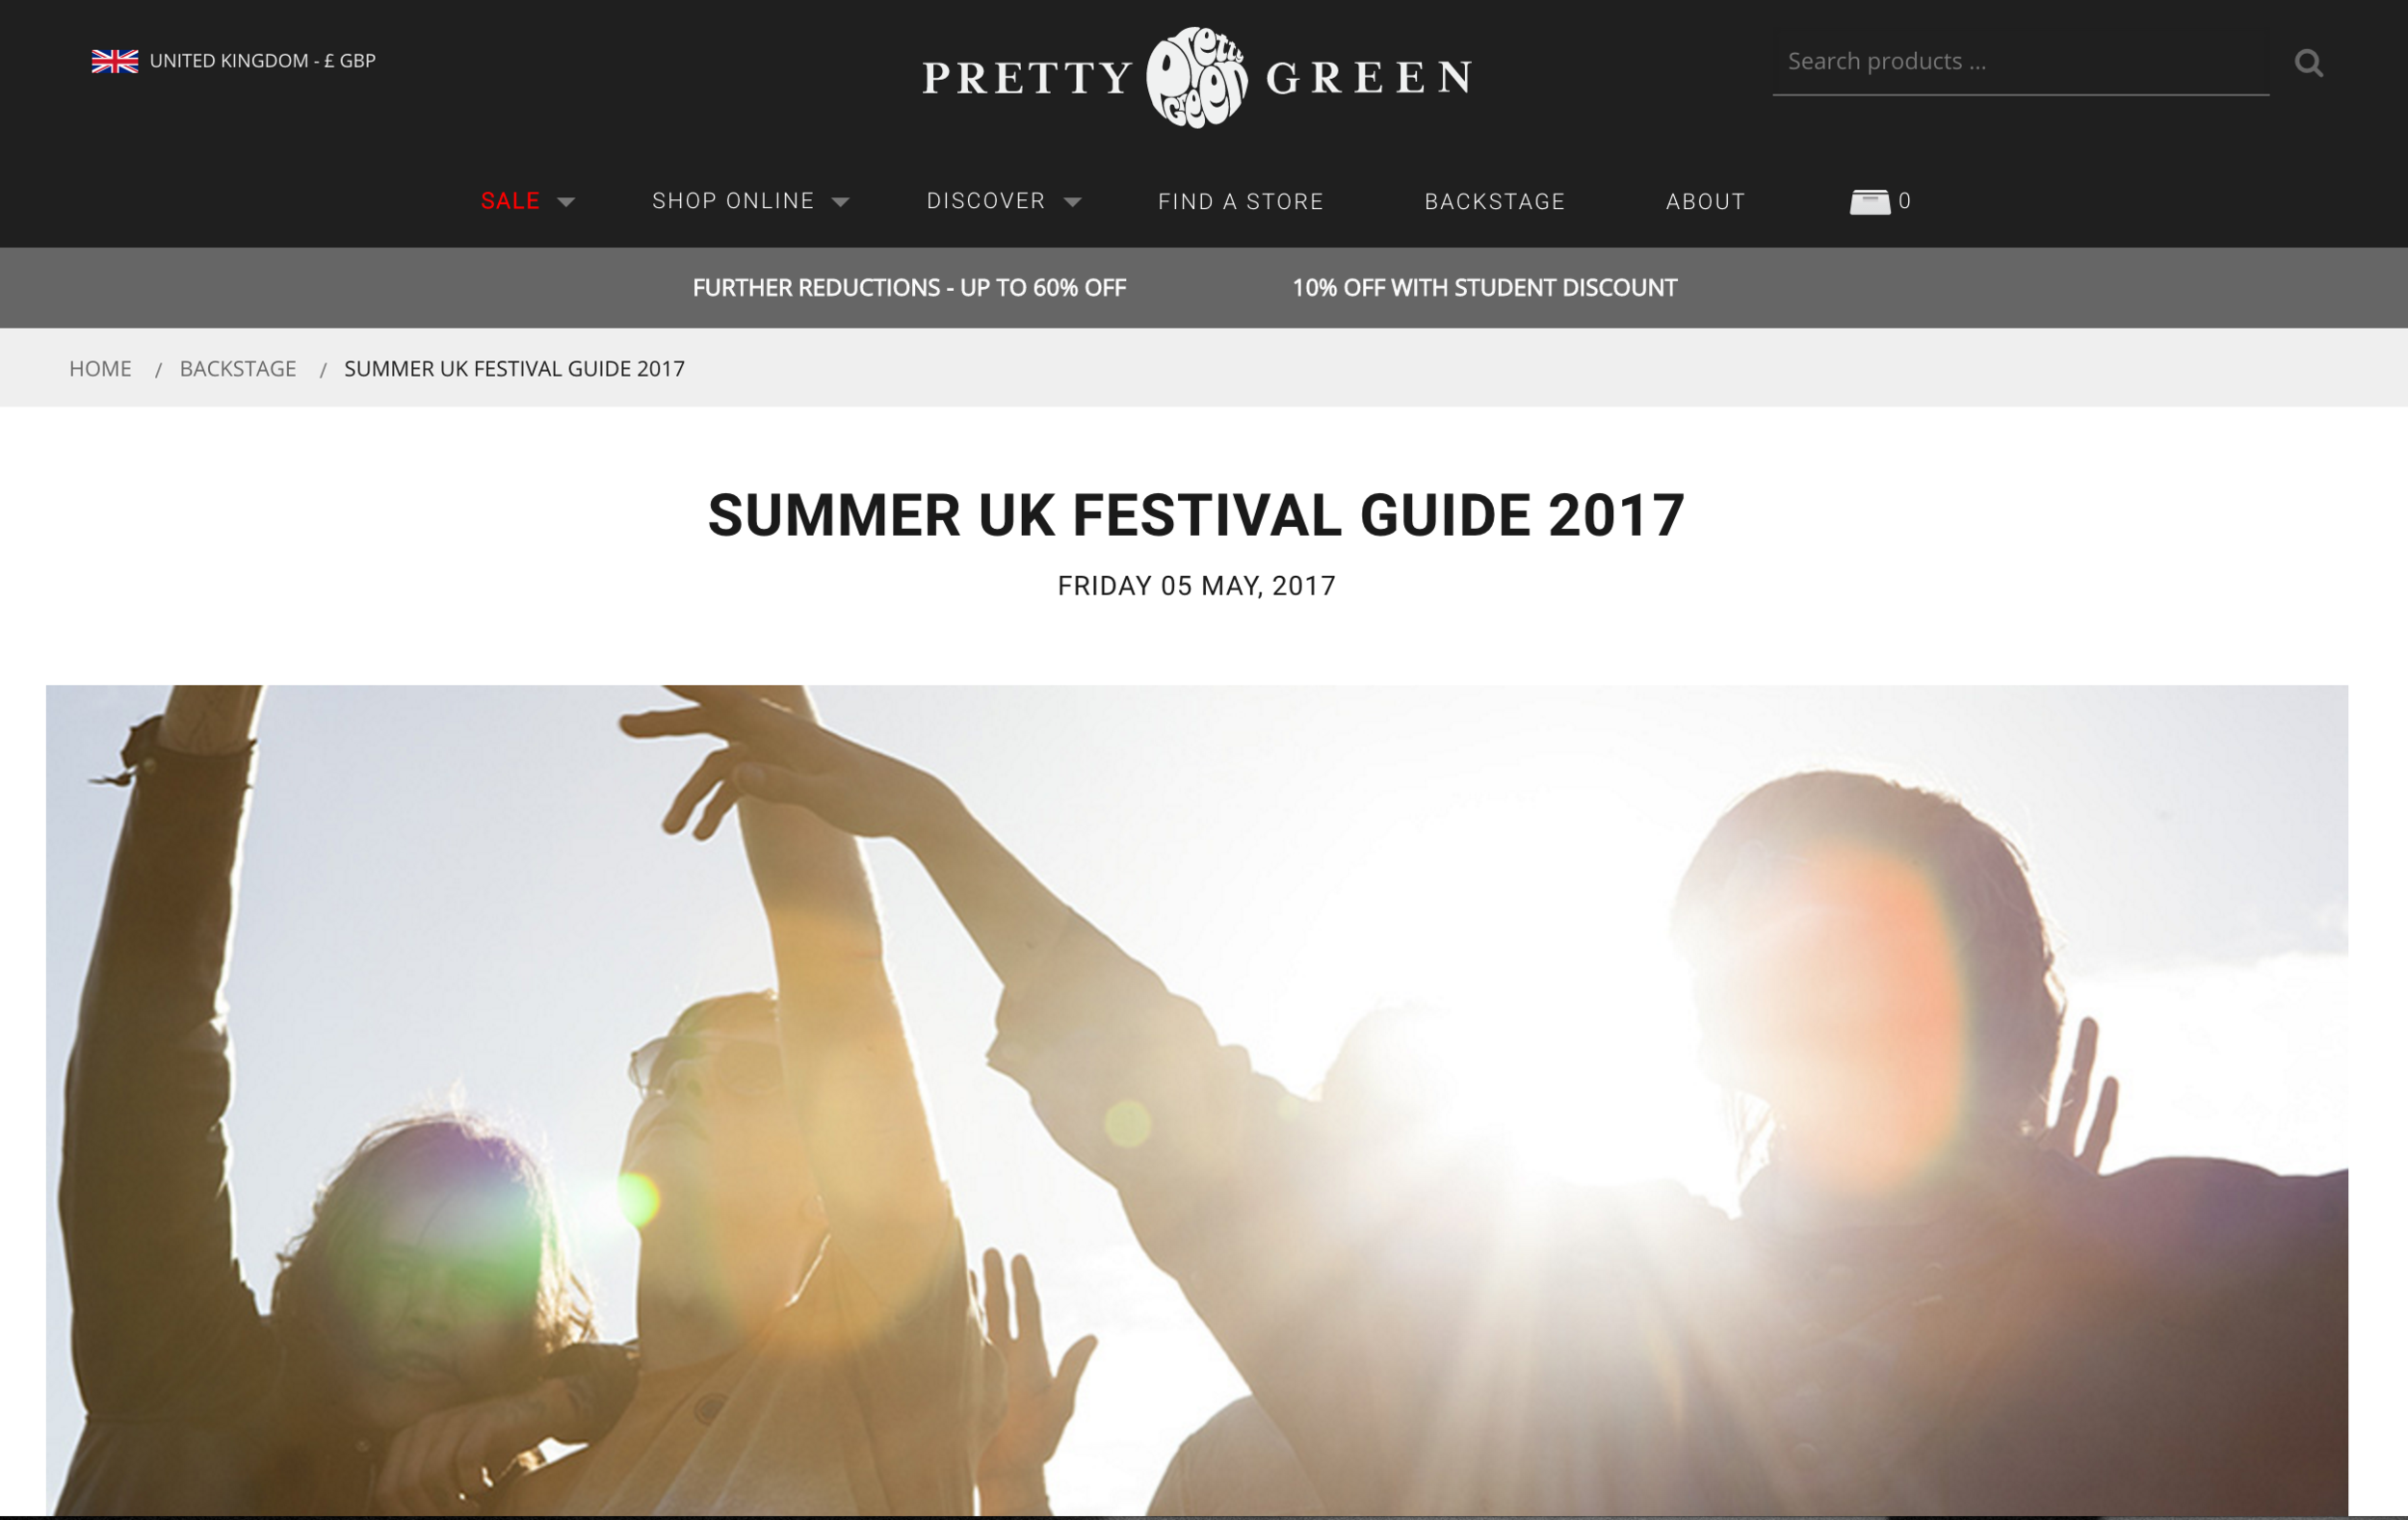 www.prettygreen.com/news/2017/5/4/summer-uk-festival-guide-2017-573/